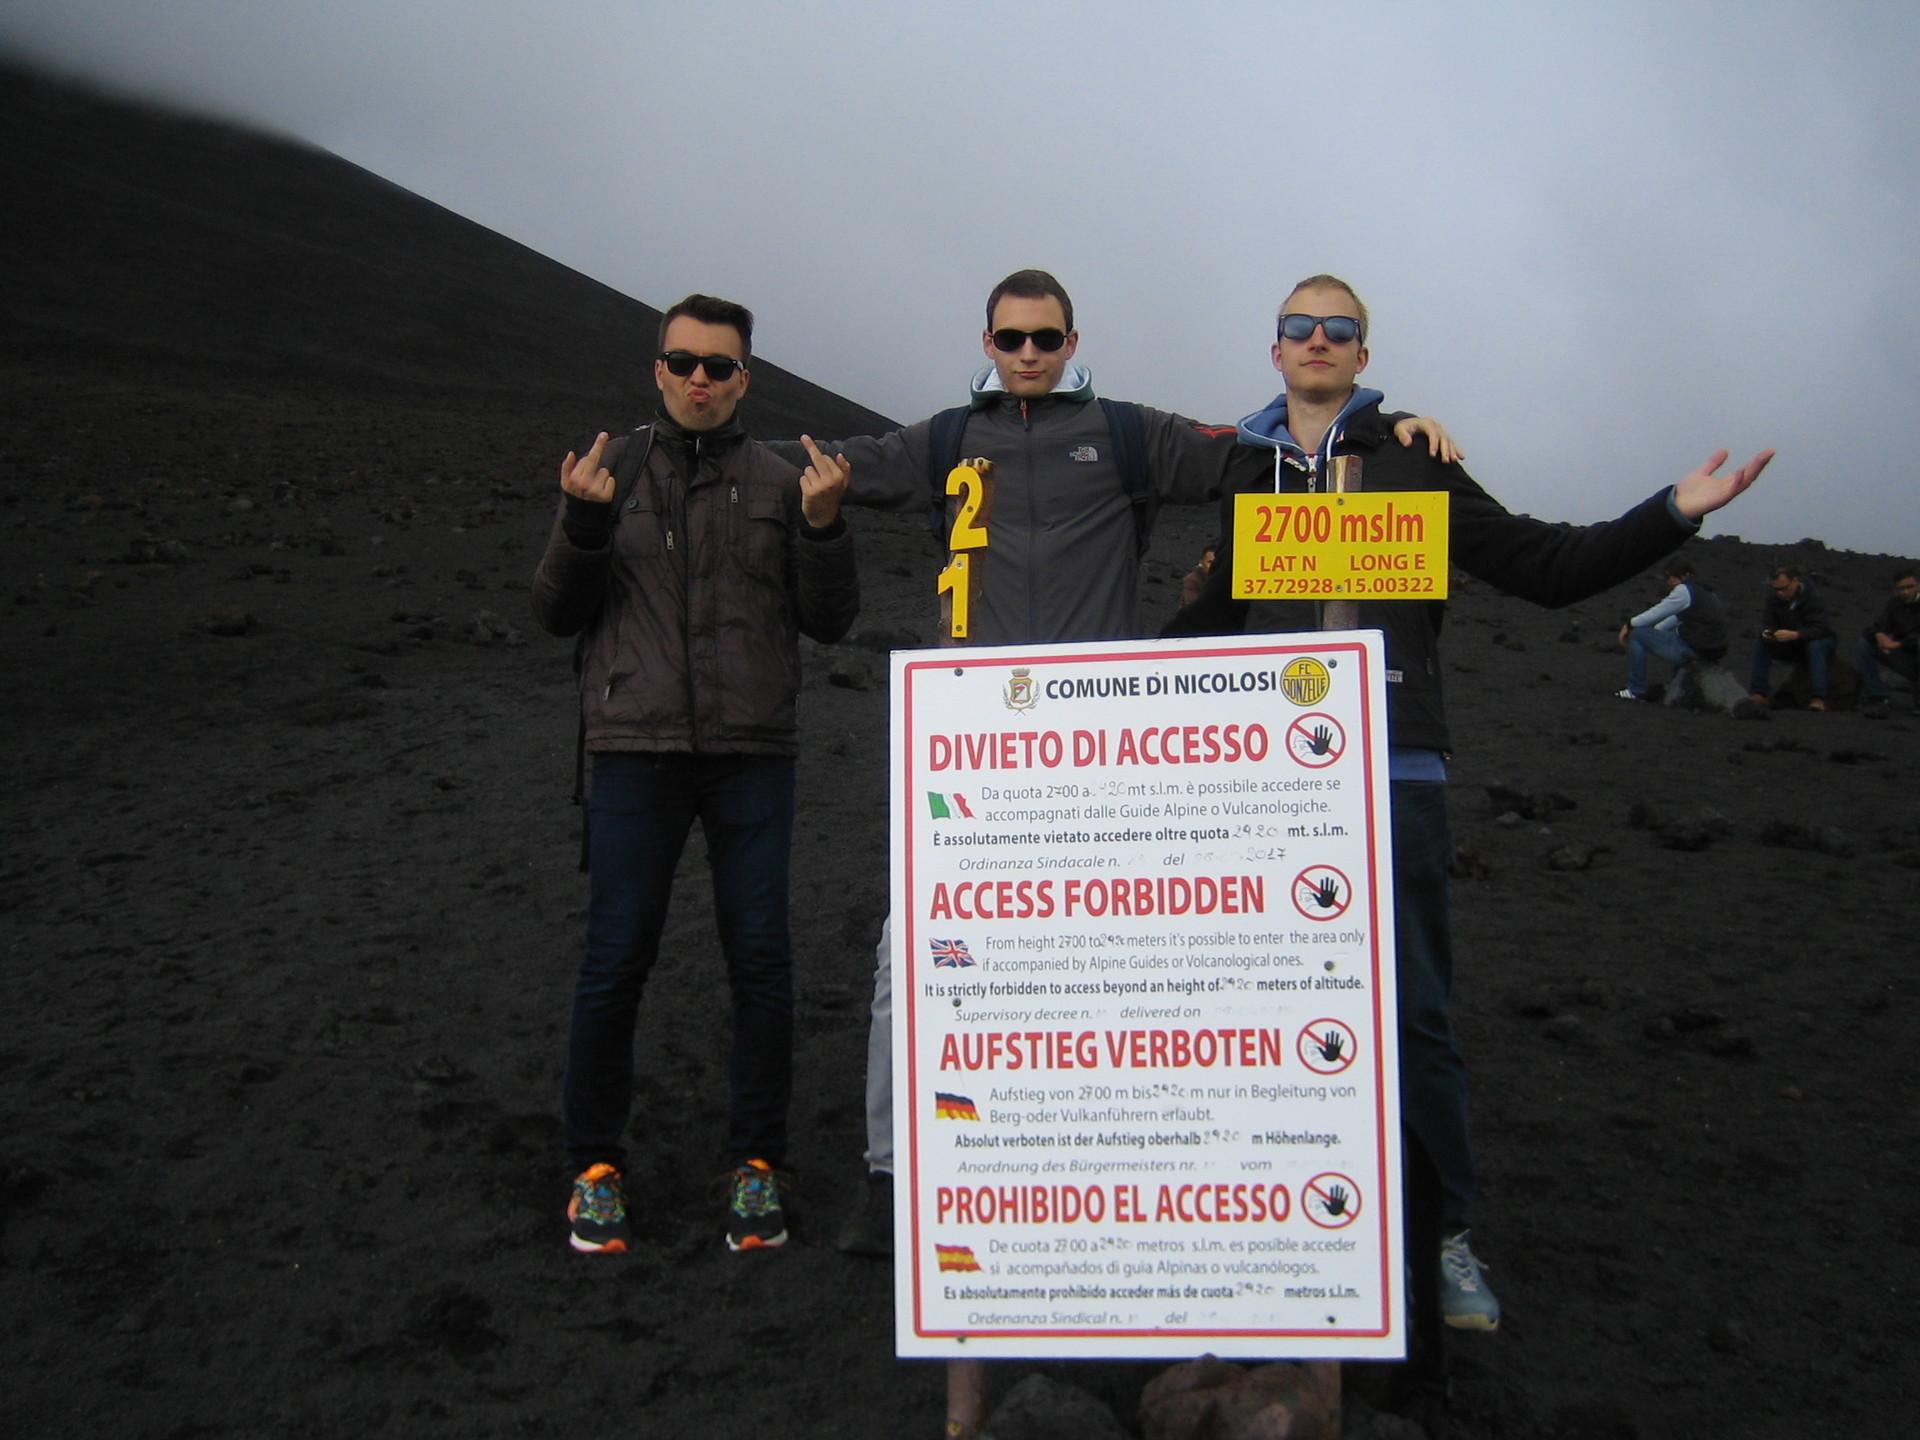 etna-sign-you-shall-not-pass-e4beb30b64c